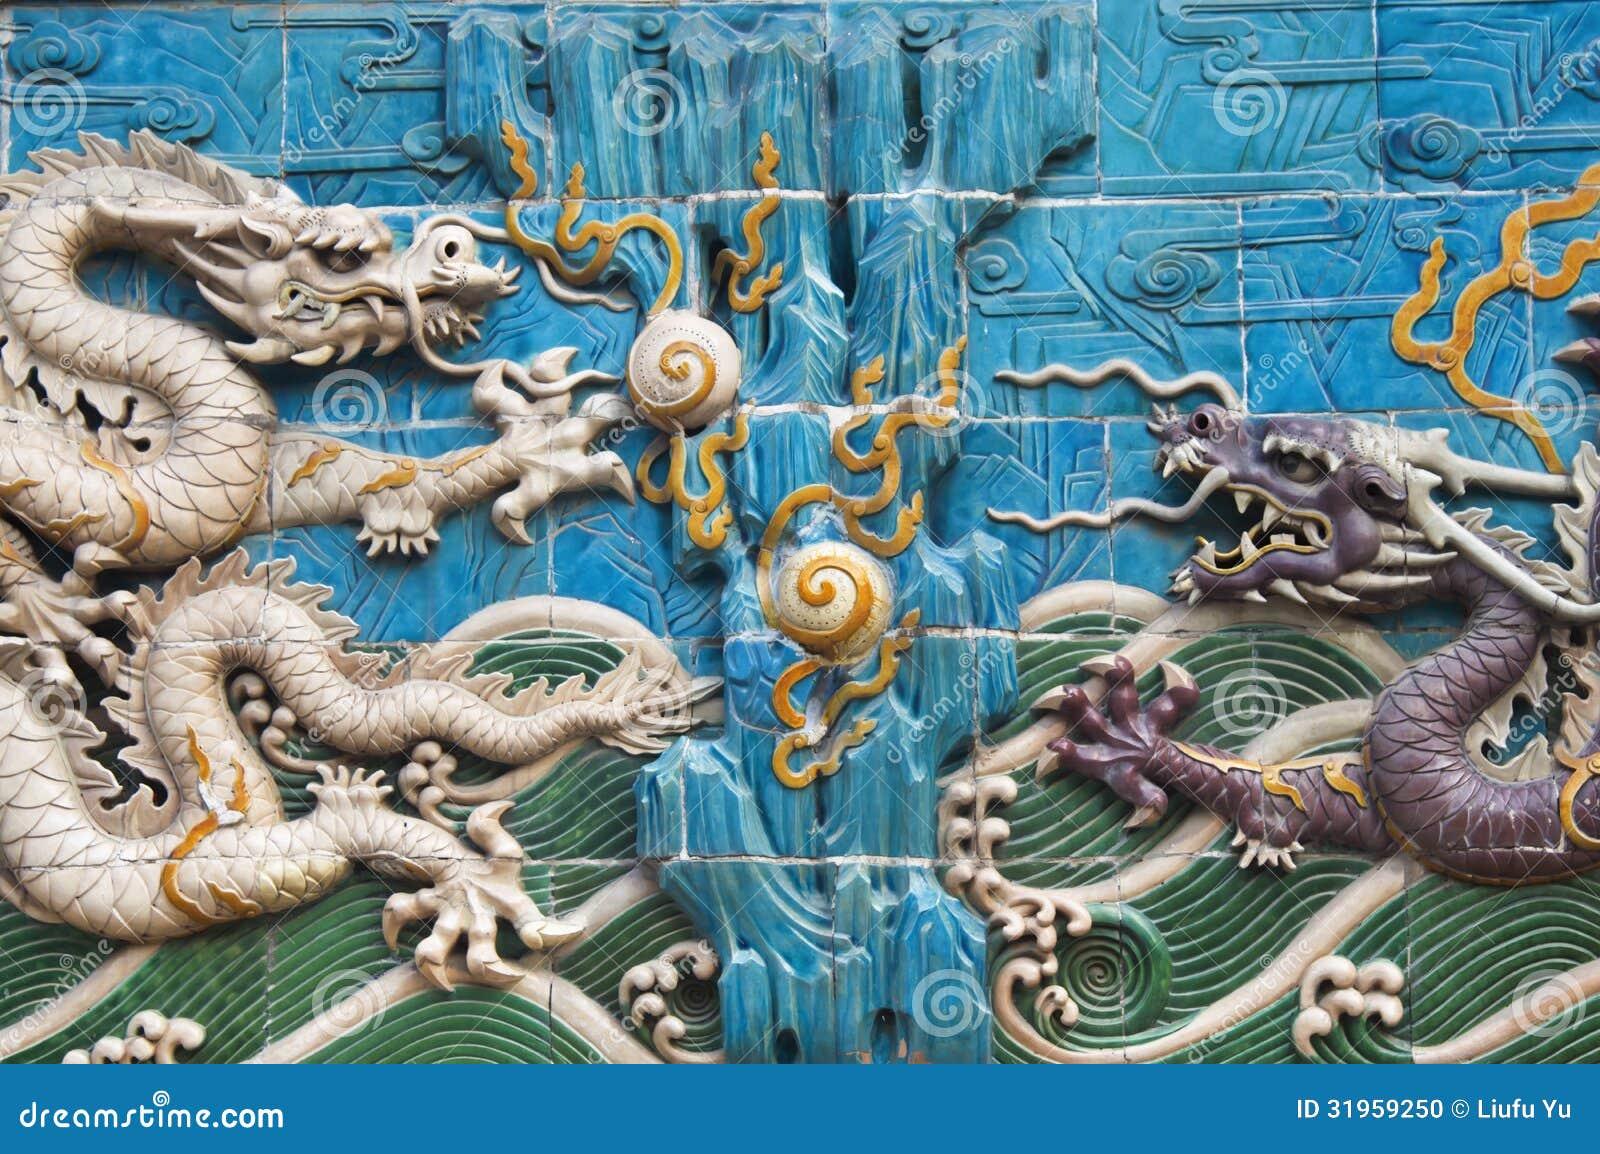 Nine Dragon Wall: The Nine-Dragon Wall Stock Photo